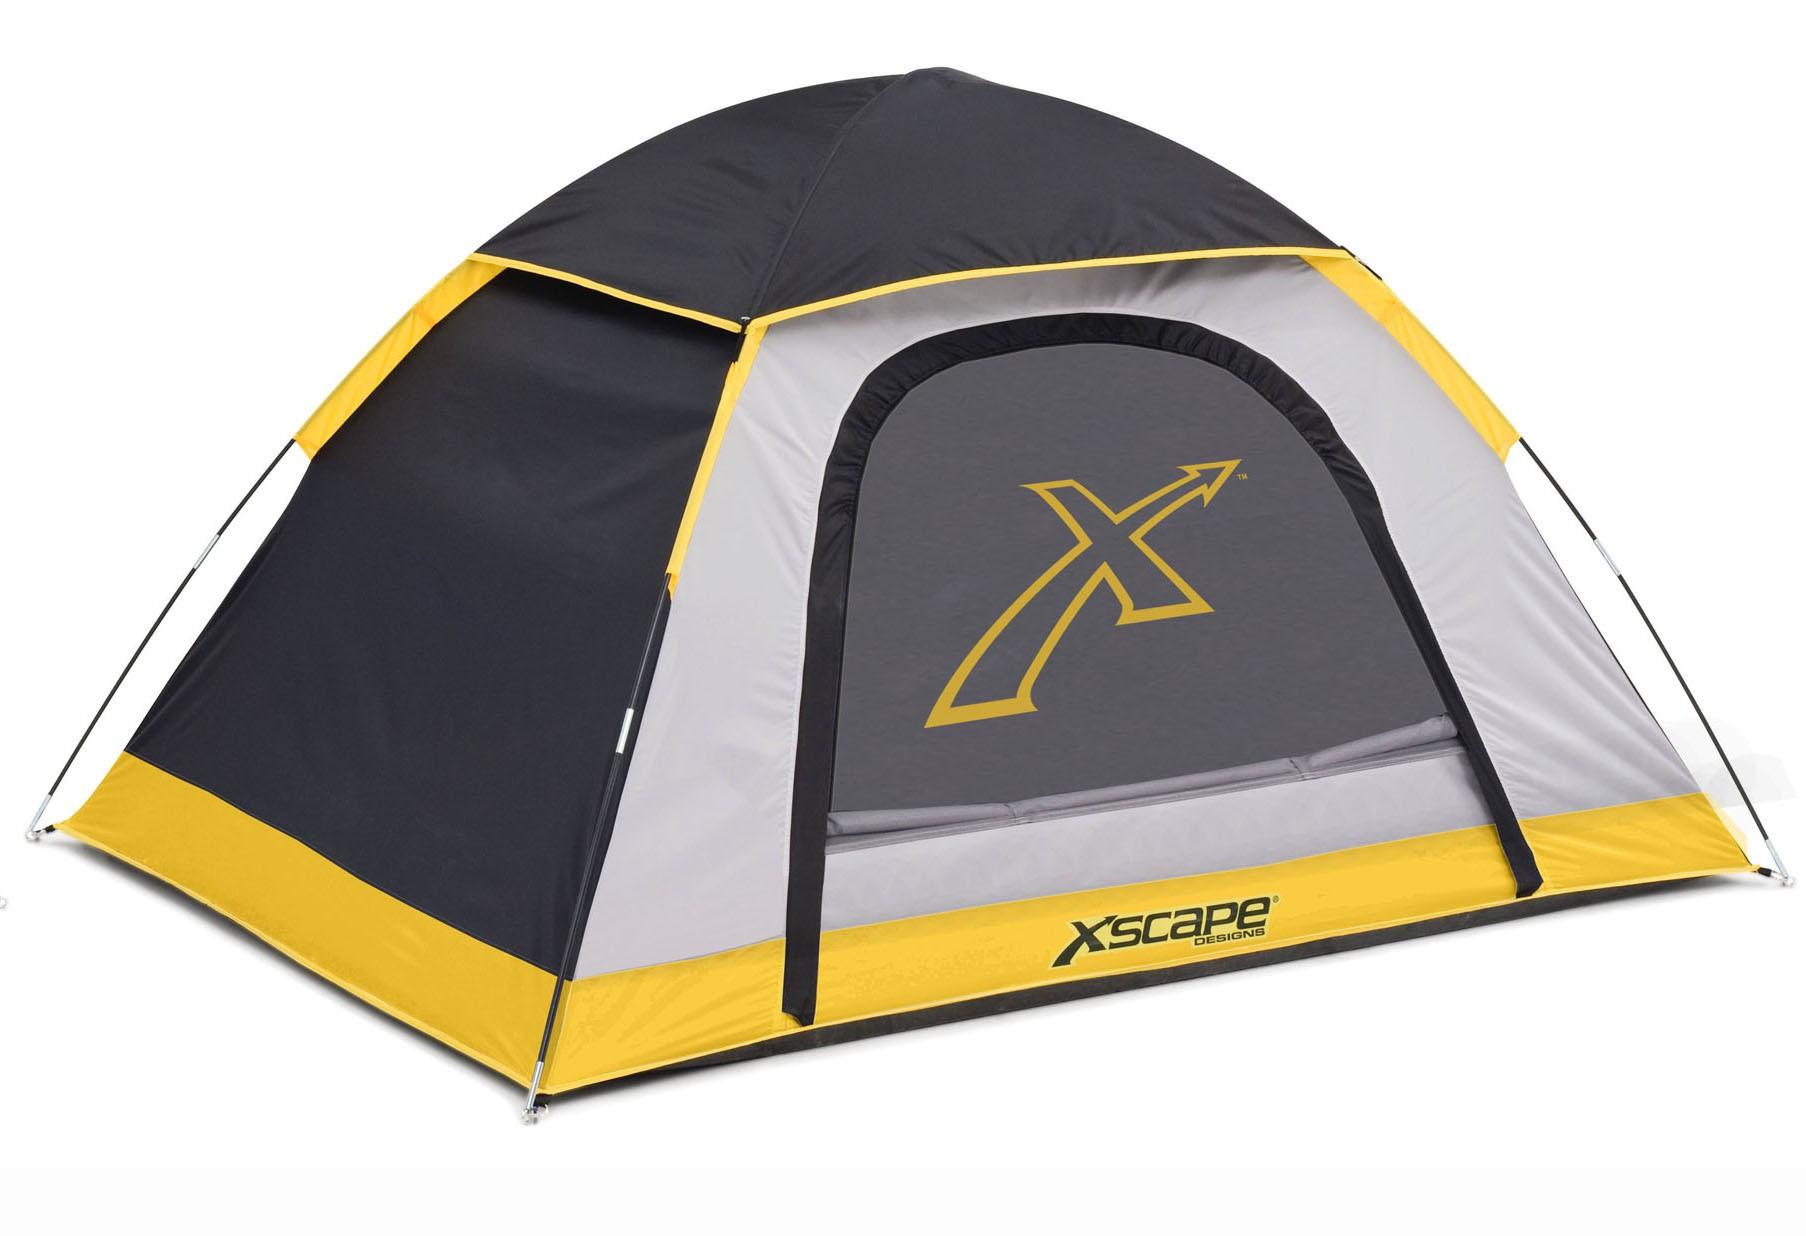 Xscape Designs  Explorer 2  - 2 Person Dome Tent  sc 1 st  C&ing Gear Outlet & Designs